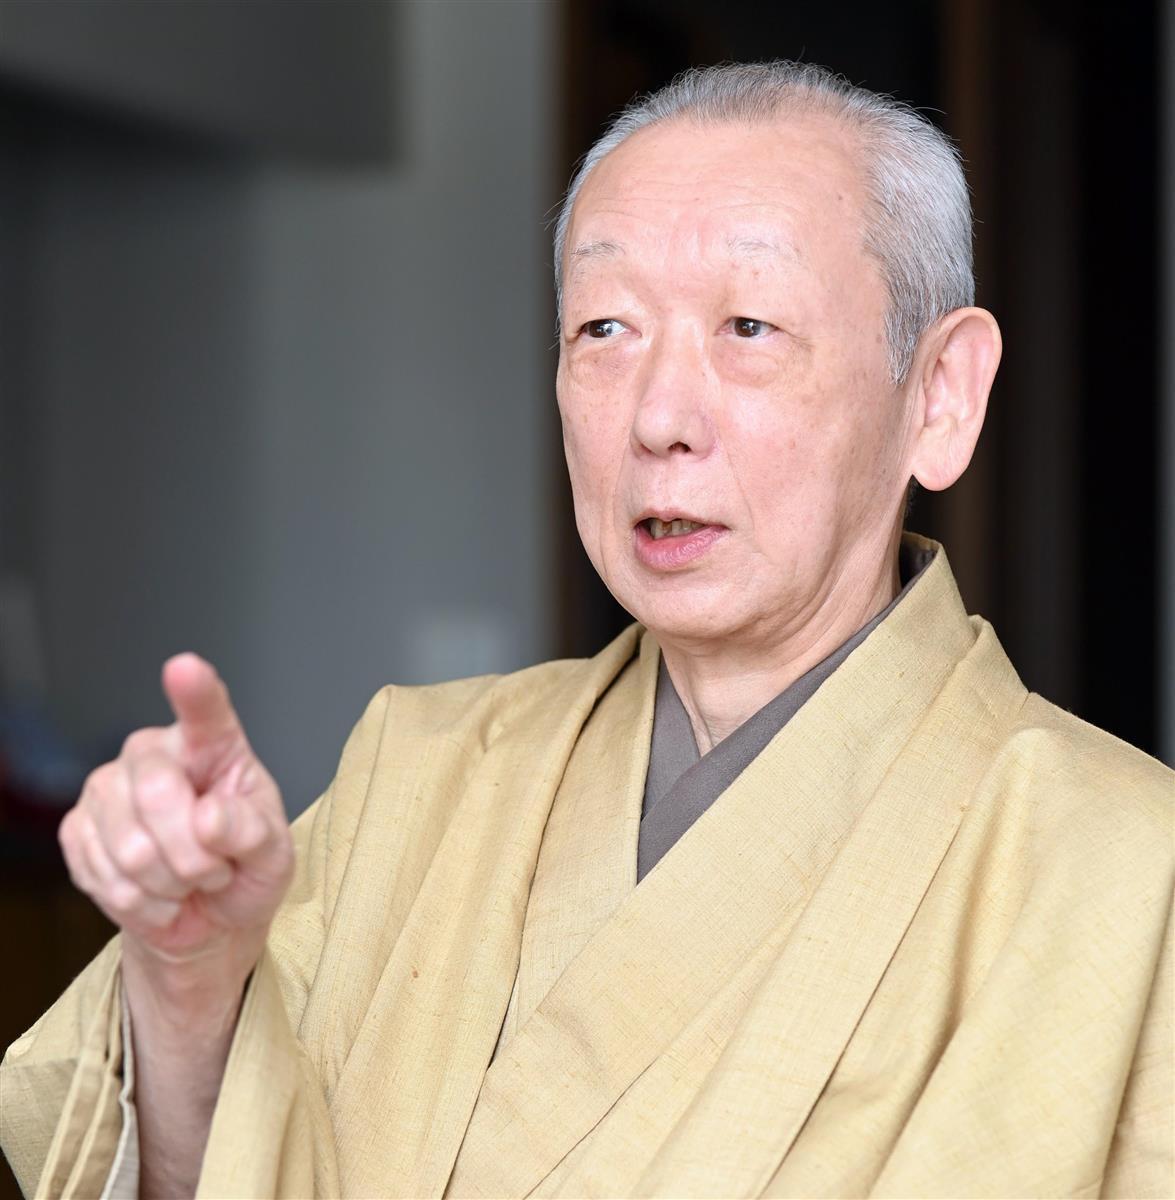 「文化功労者」文楽三味線・鶴澤清治さん(75)太夫とぶつかり…